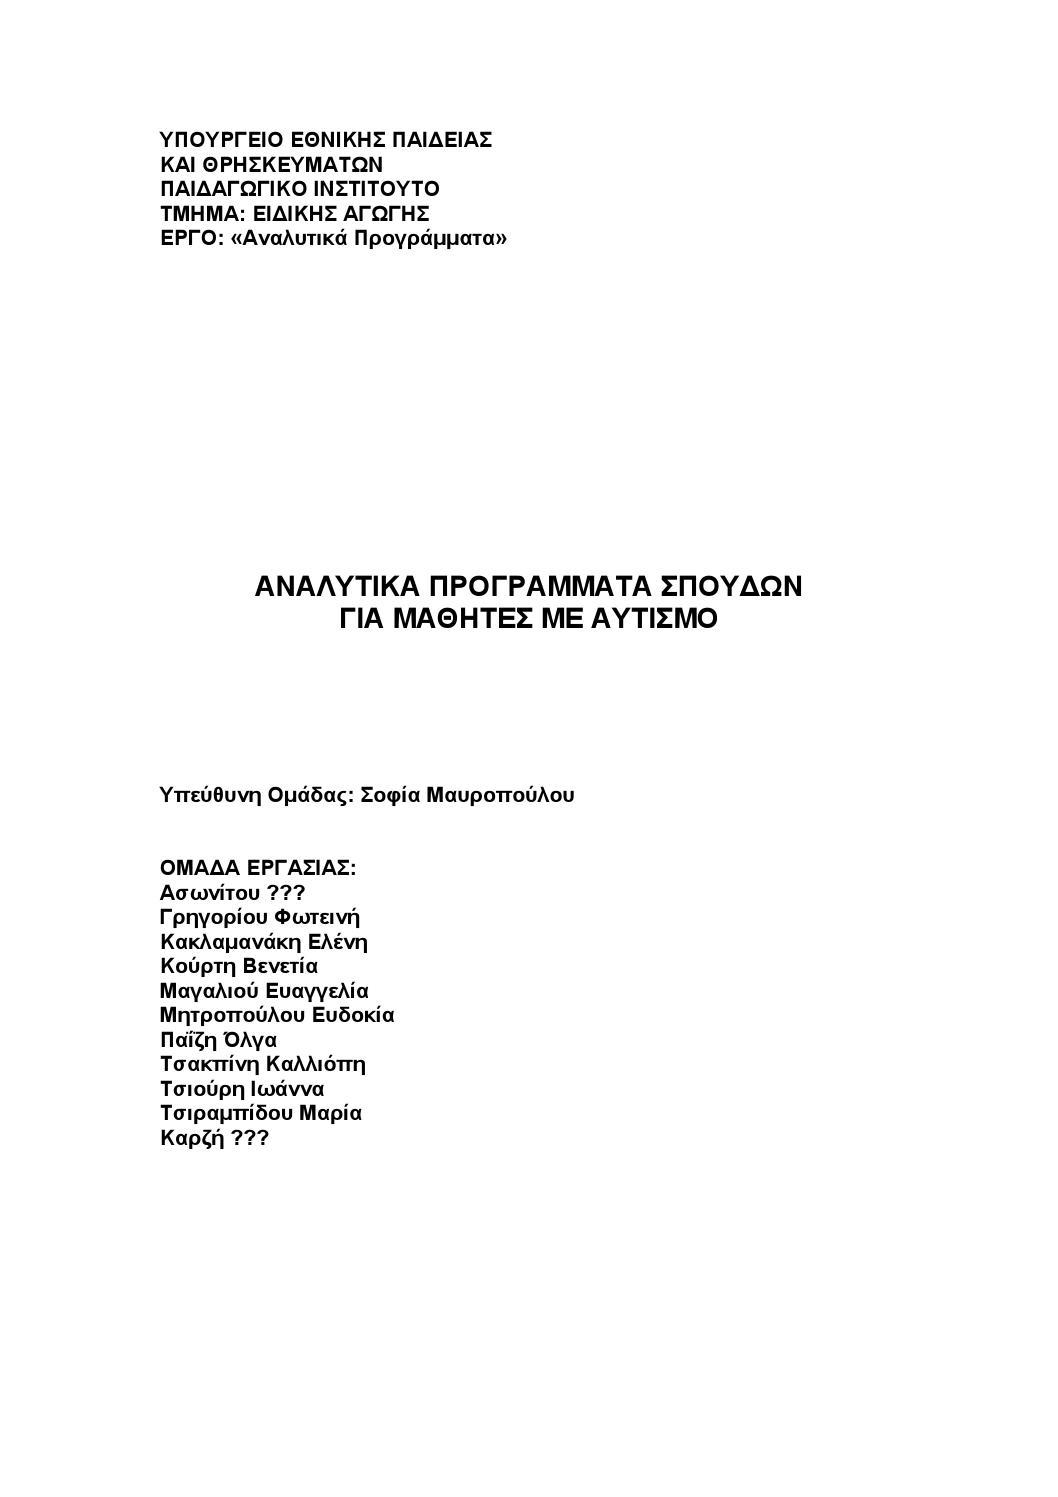 Αναλυτικα προγραμματα σπουδων για παιδια με αυτισμο by Eri Stergiou - issuu d1f53ac3dee